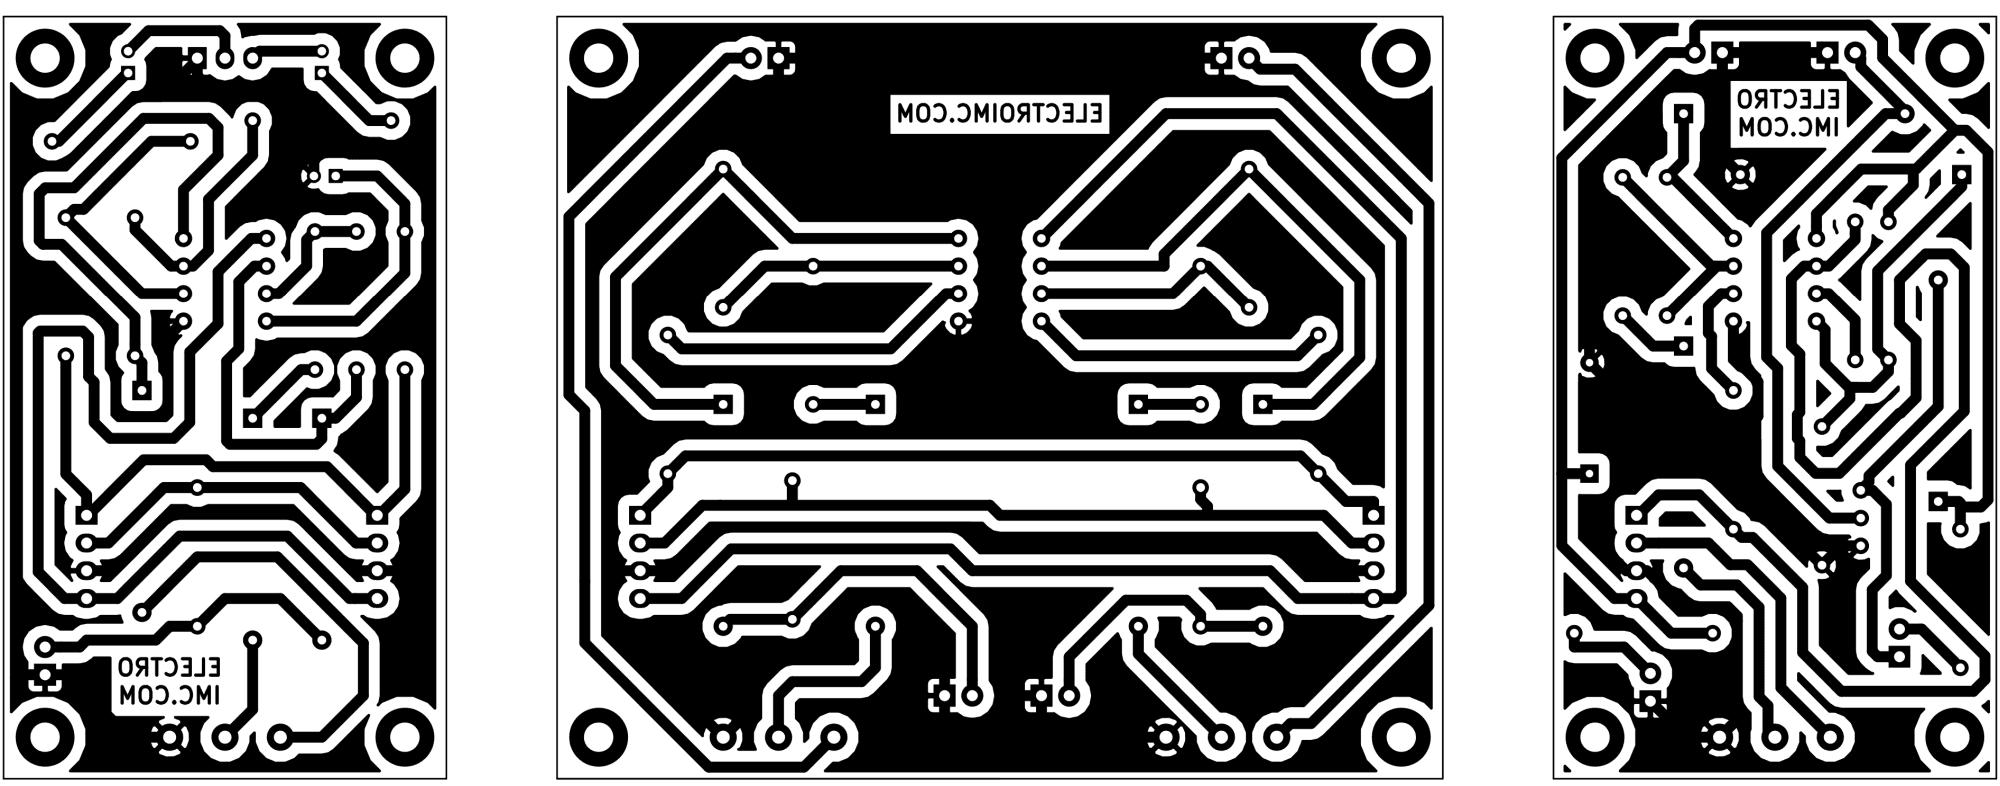 PCB del mixer audio modulare